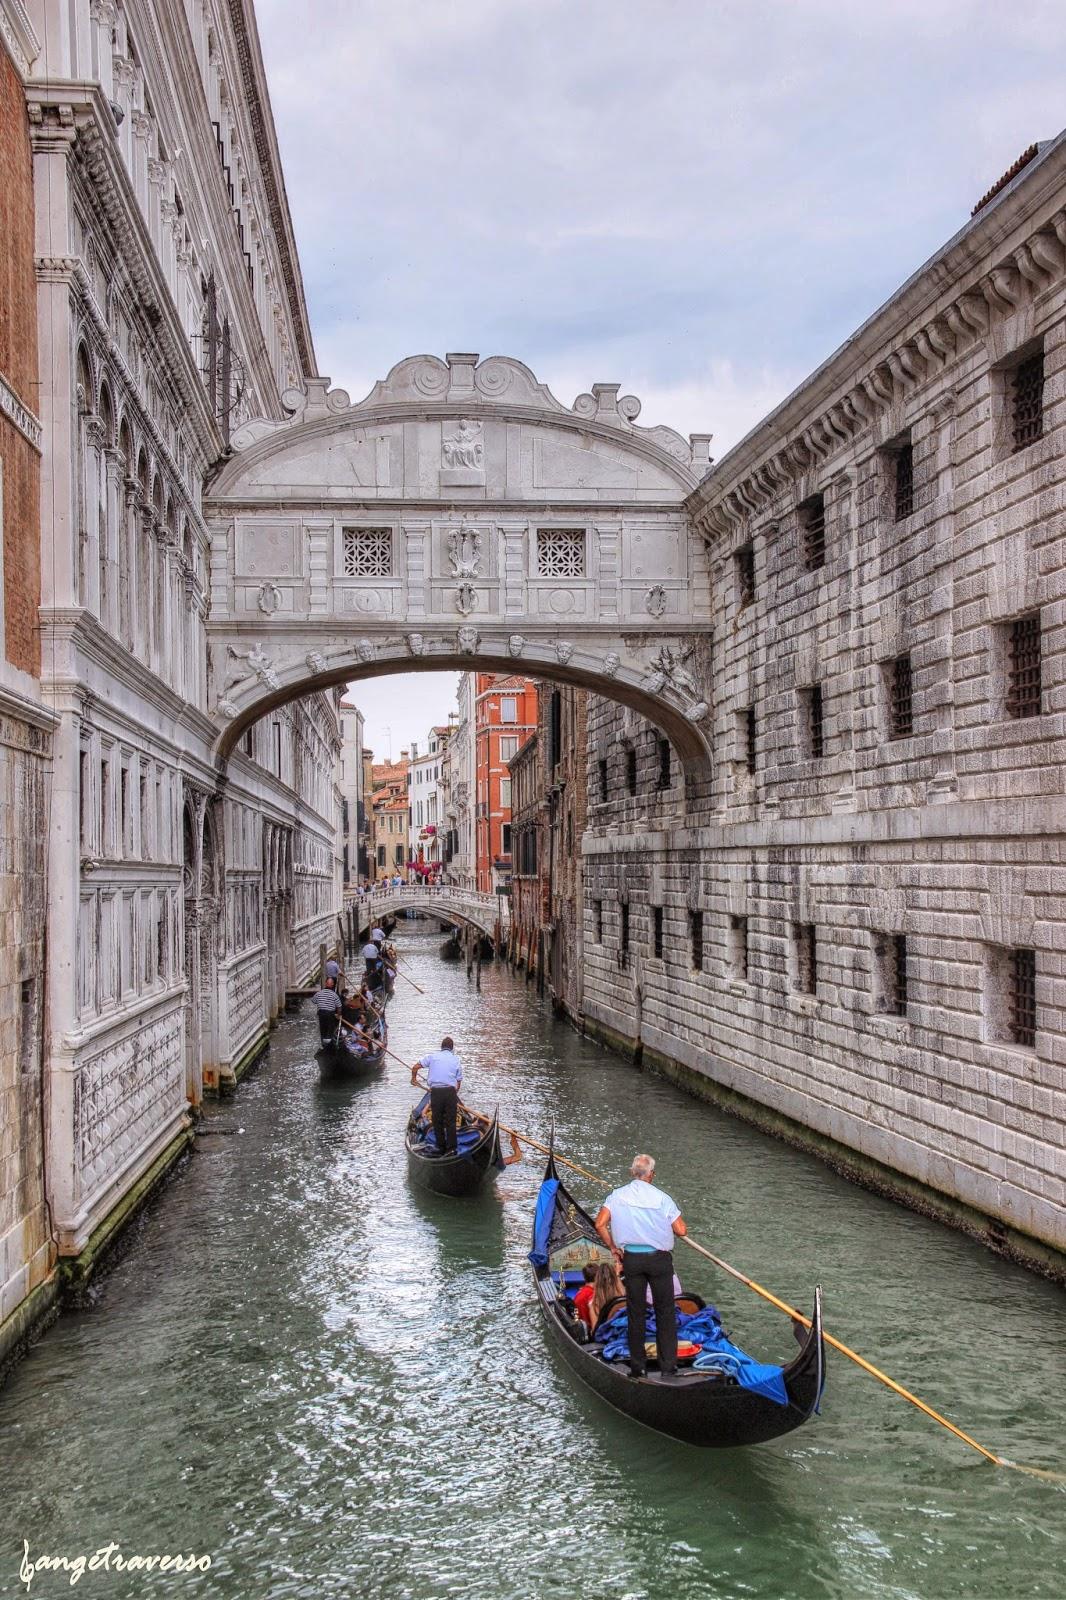 Venise et les gondoles au-dessus du pont des soupirs